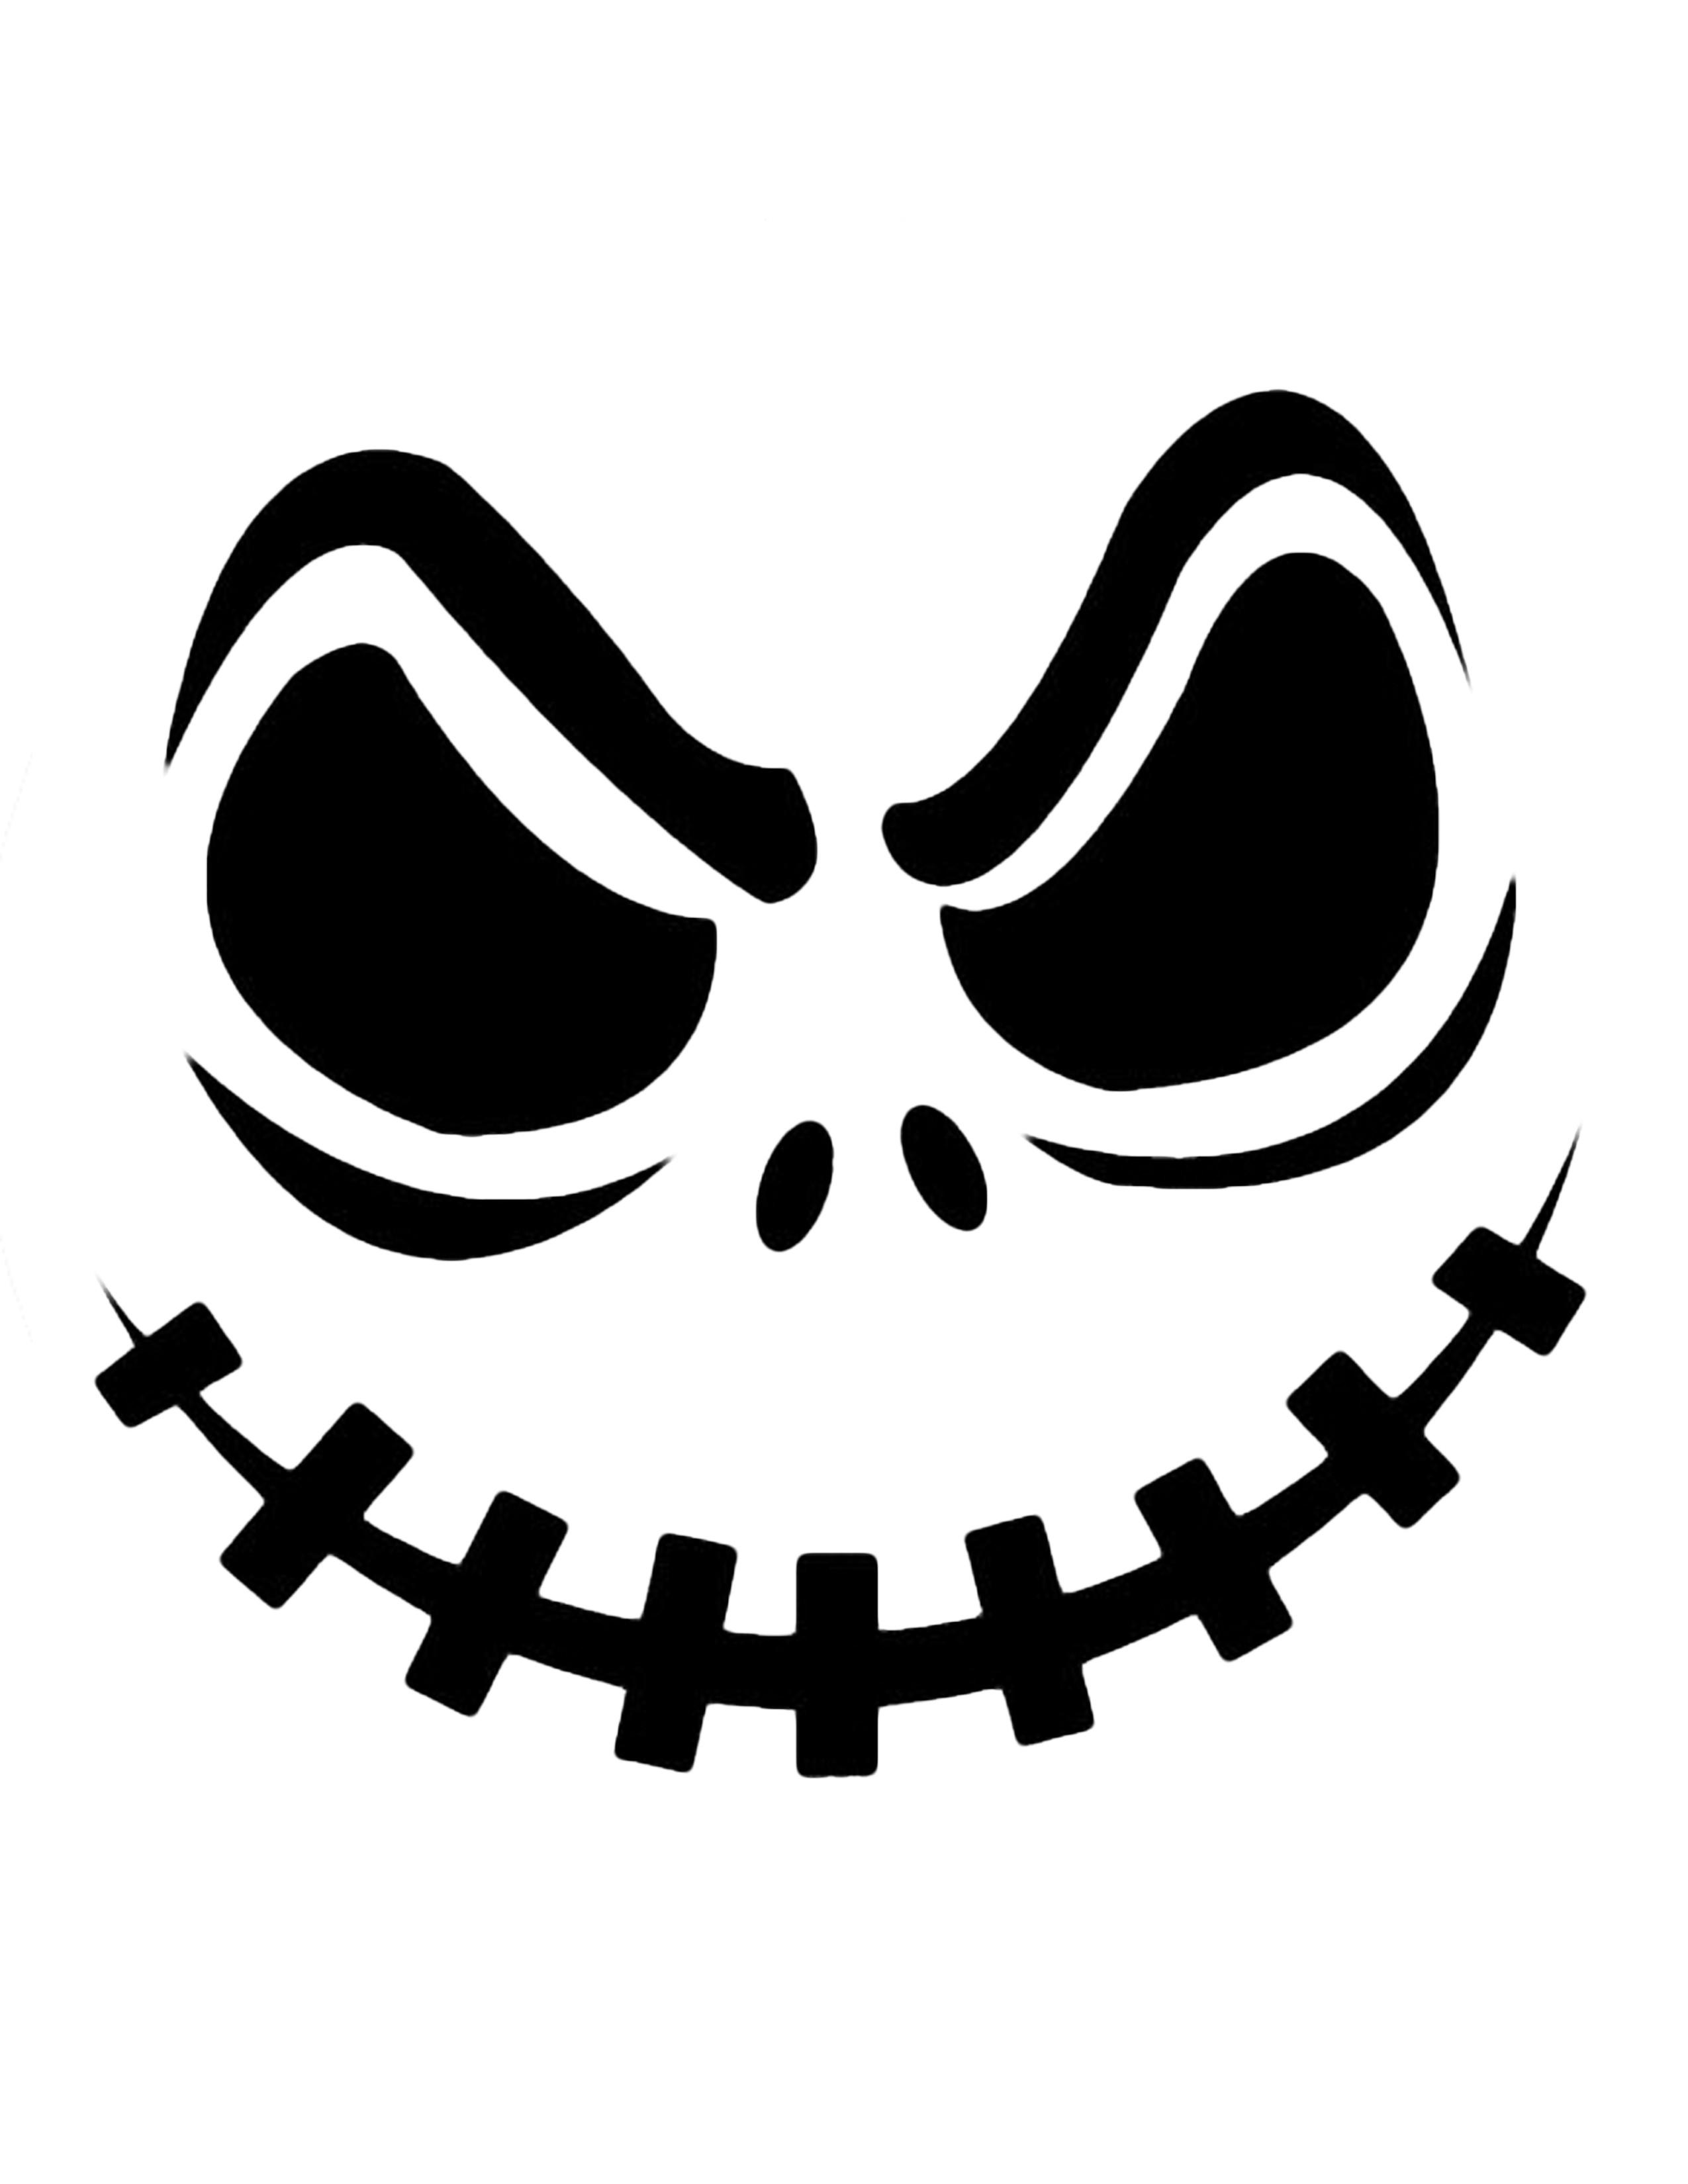 Horror clipart halloween scene #14